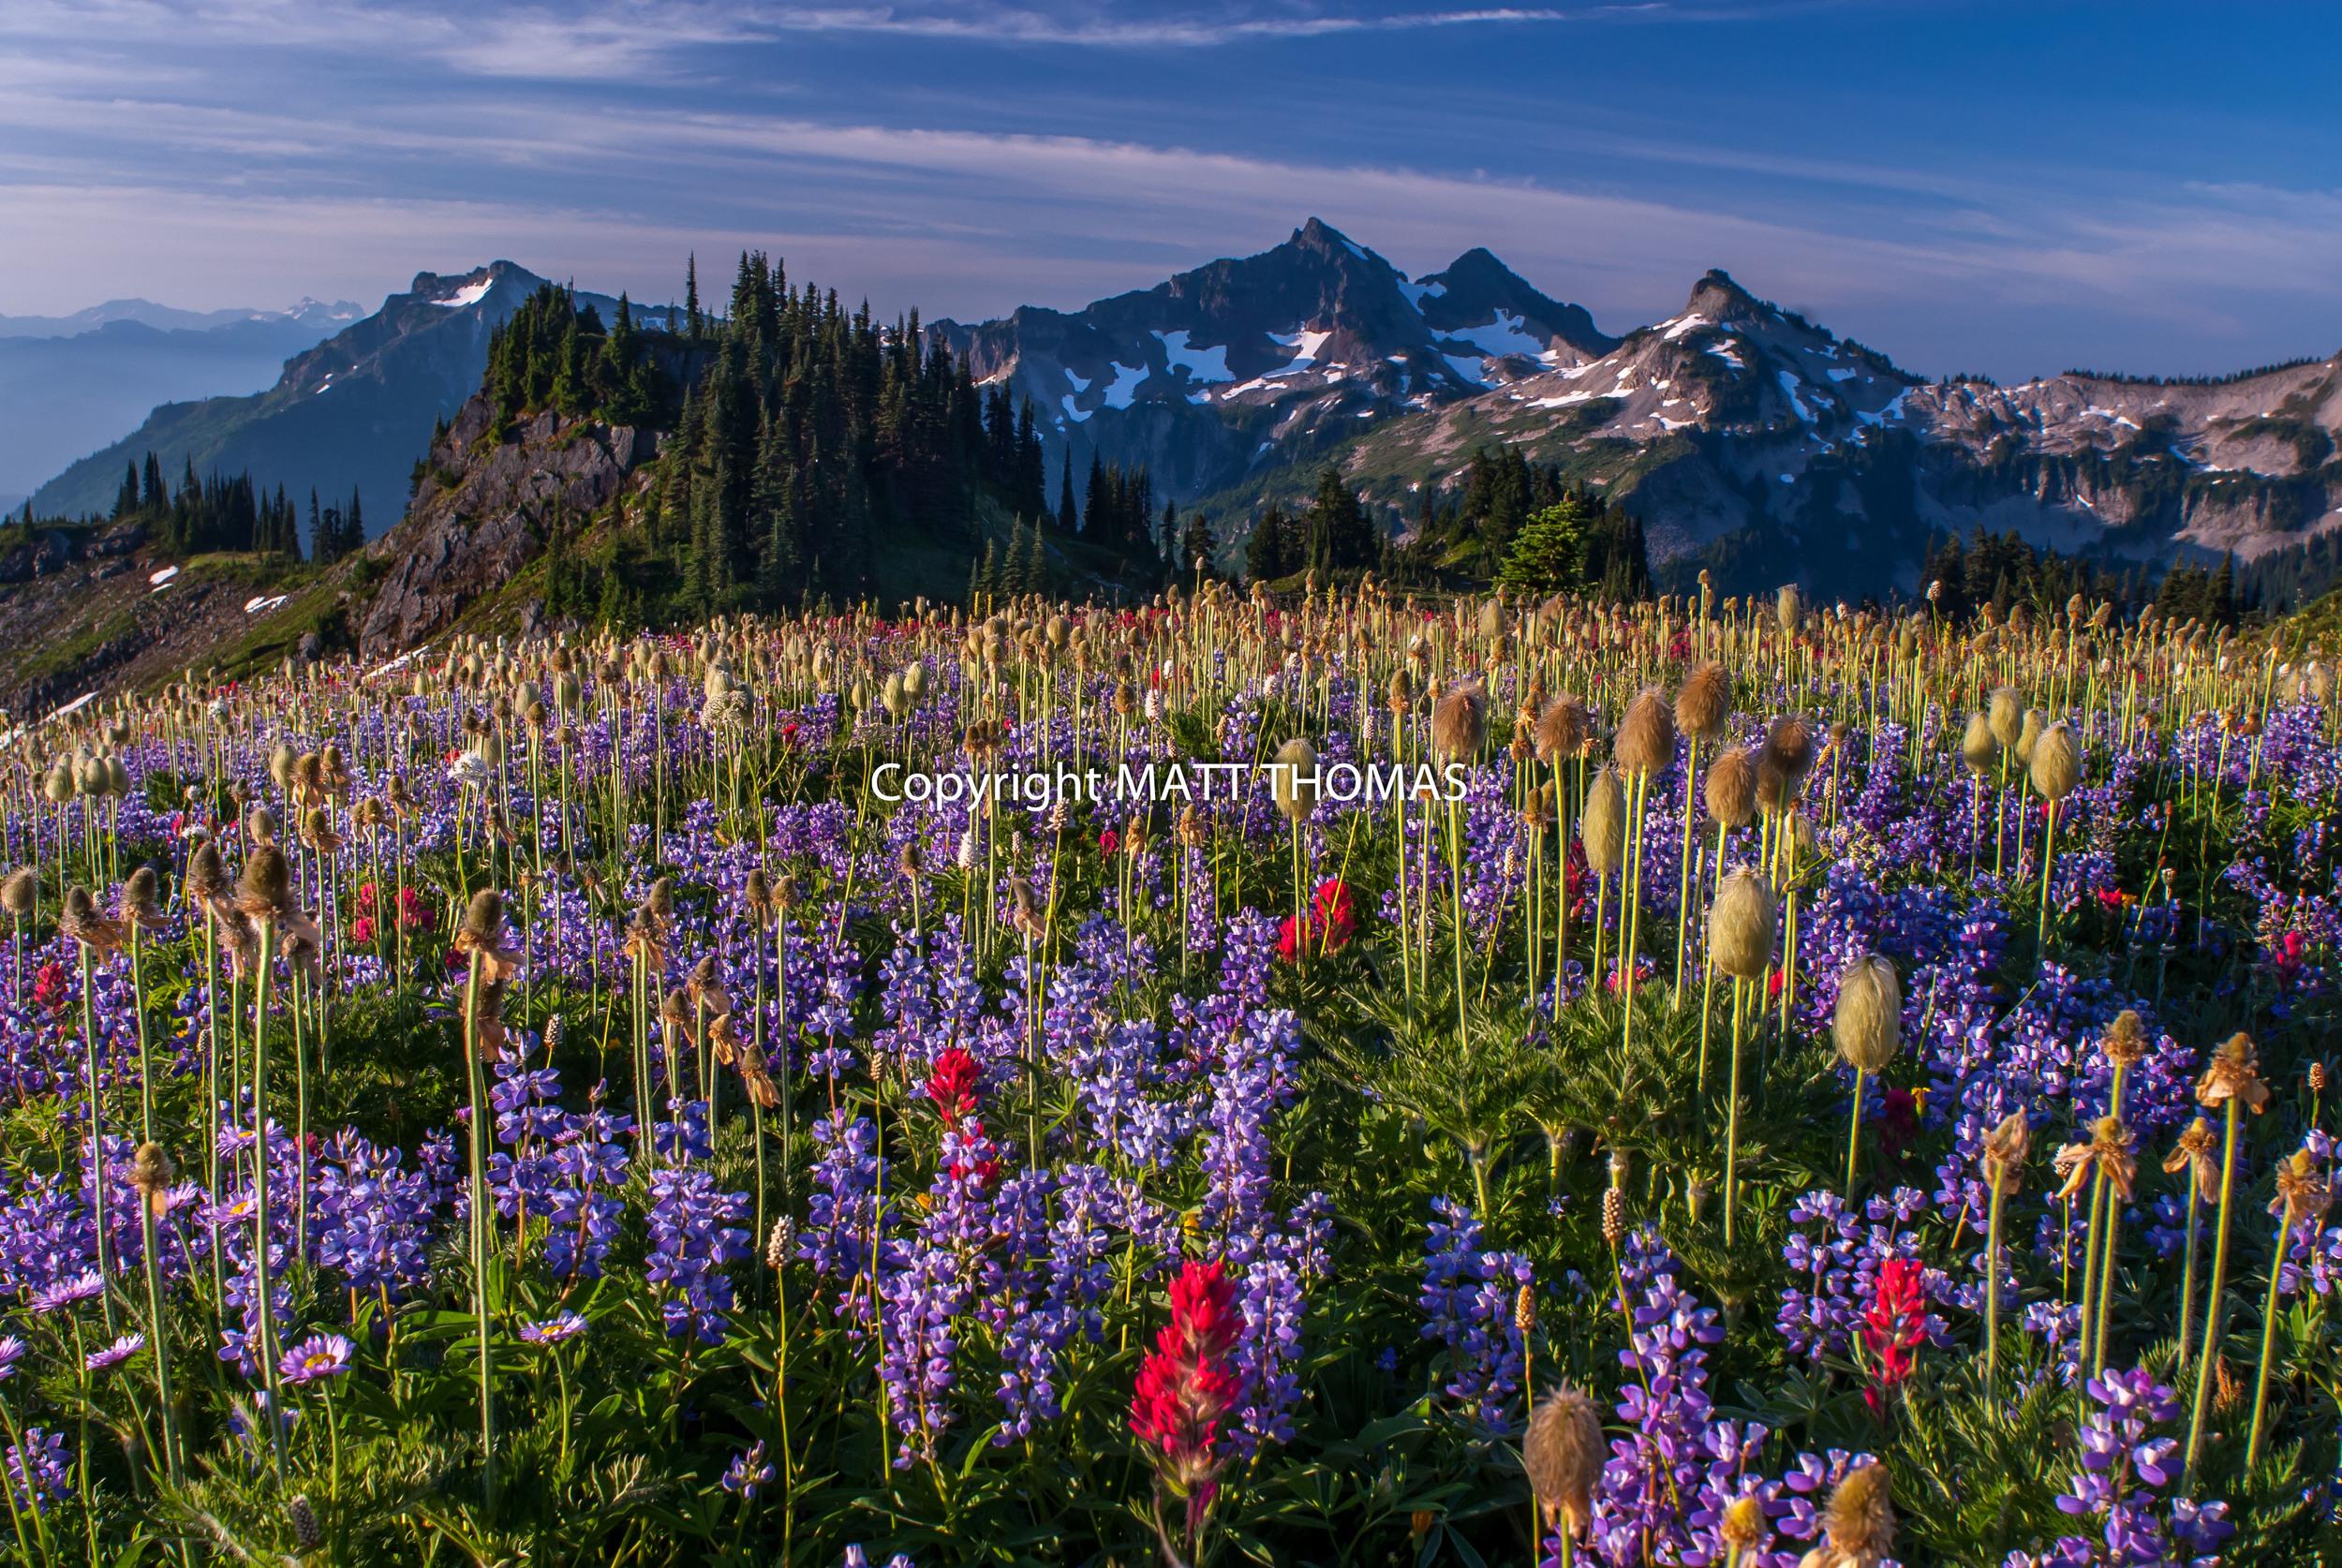 Wildflowers Tatoosh Range